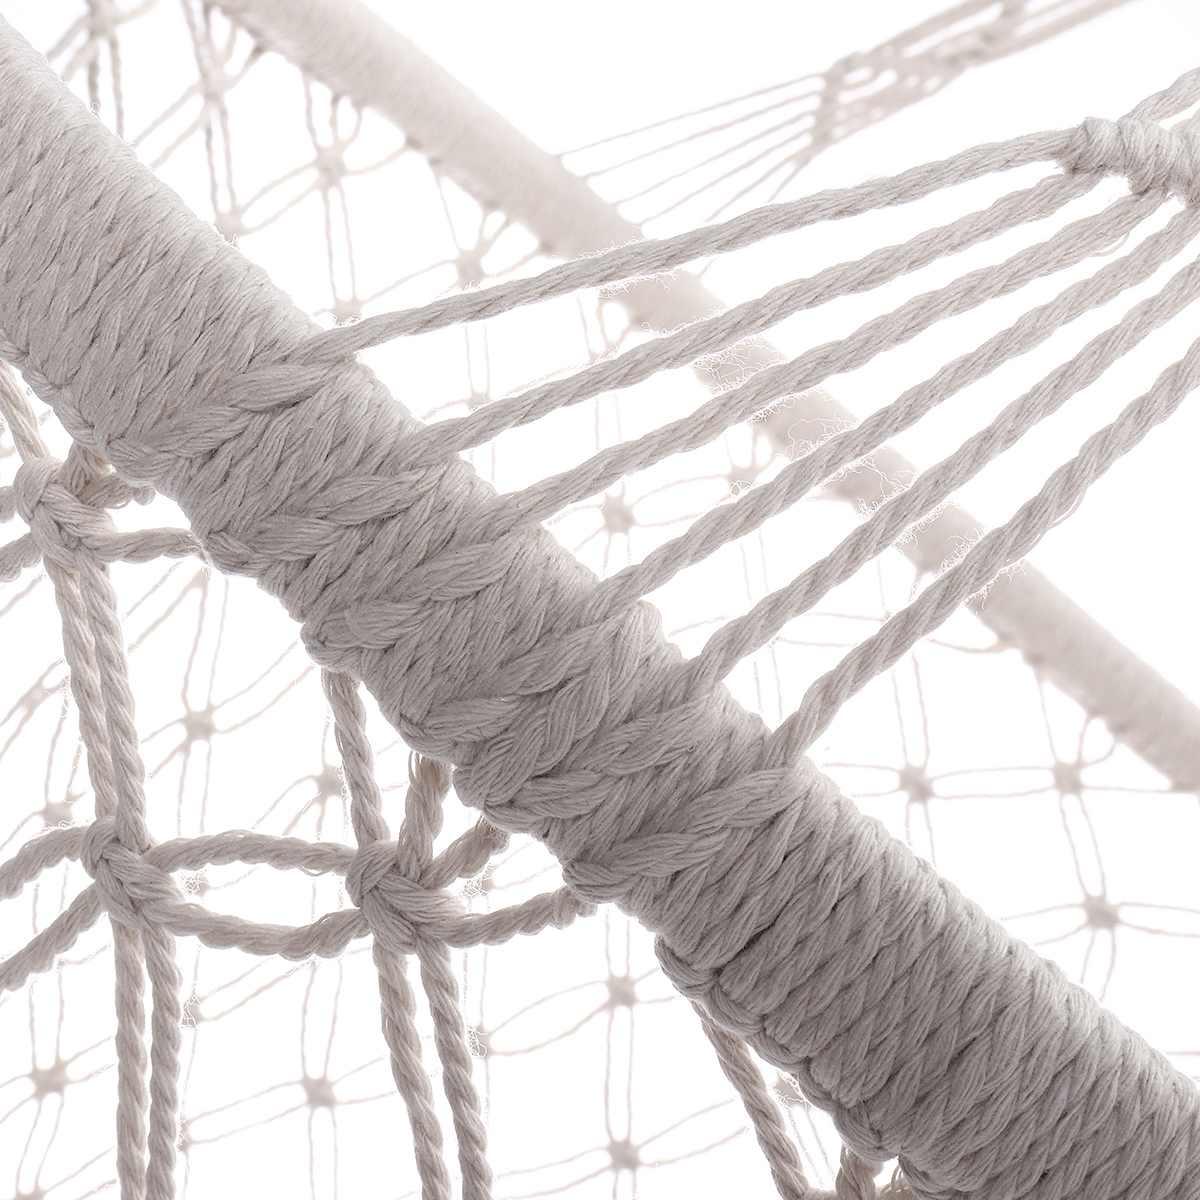 Corde de coton gland hamac chaise balançoire hamac enfants bascule sommeil lit intérieur extérieur suspendu seste enfant balançoire siège - 3